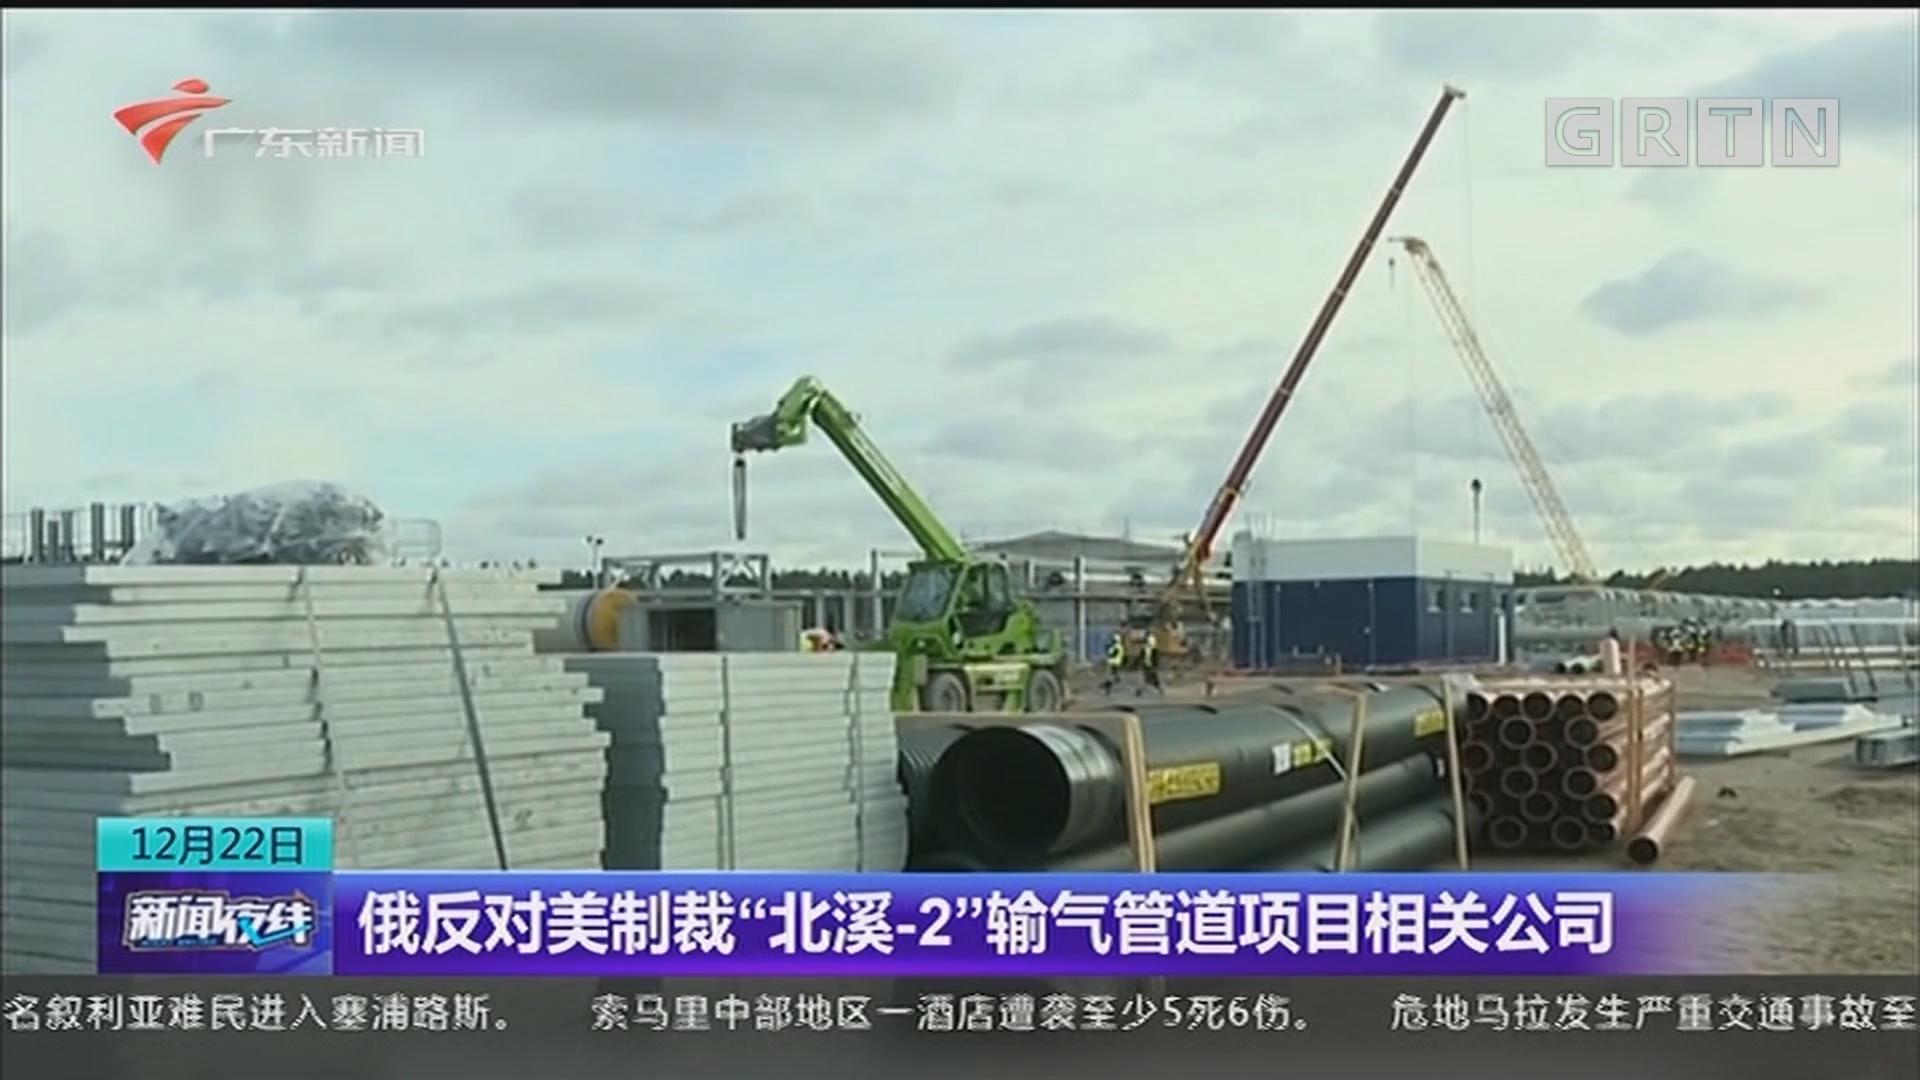 """俄反对美制裁""""北溪-2""""输气管道项目相关公司"""